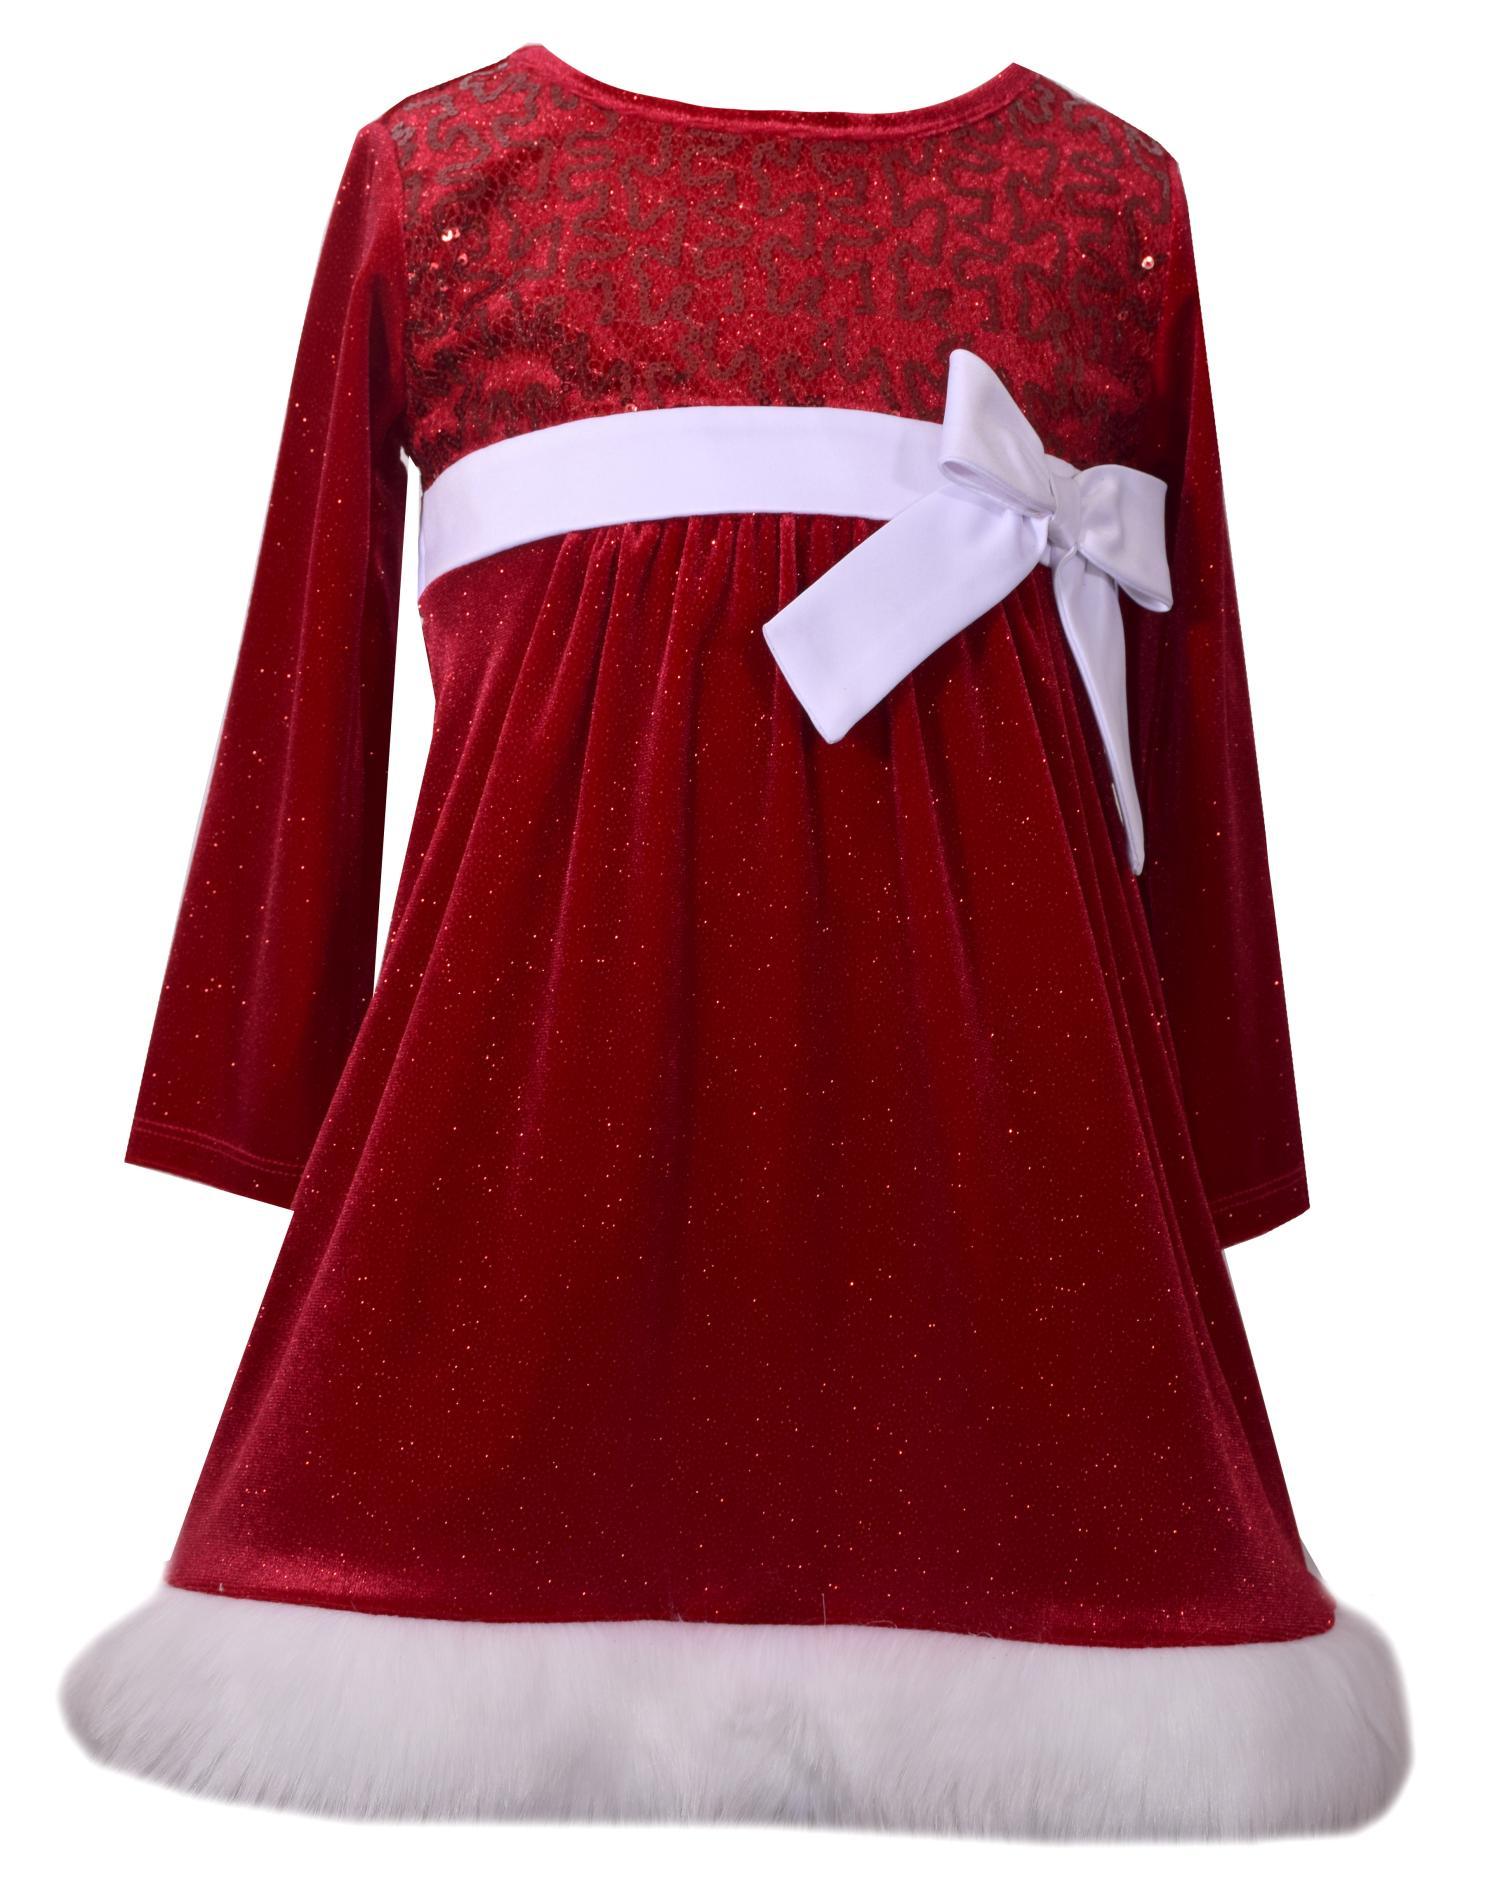 ashley ann infant toddler girls christmas dress - Toddler Girls Christmas Dress